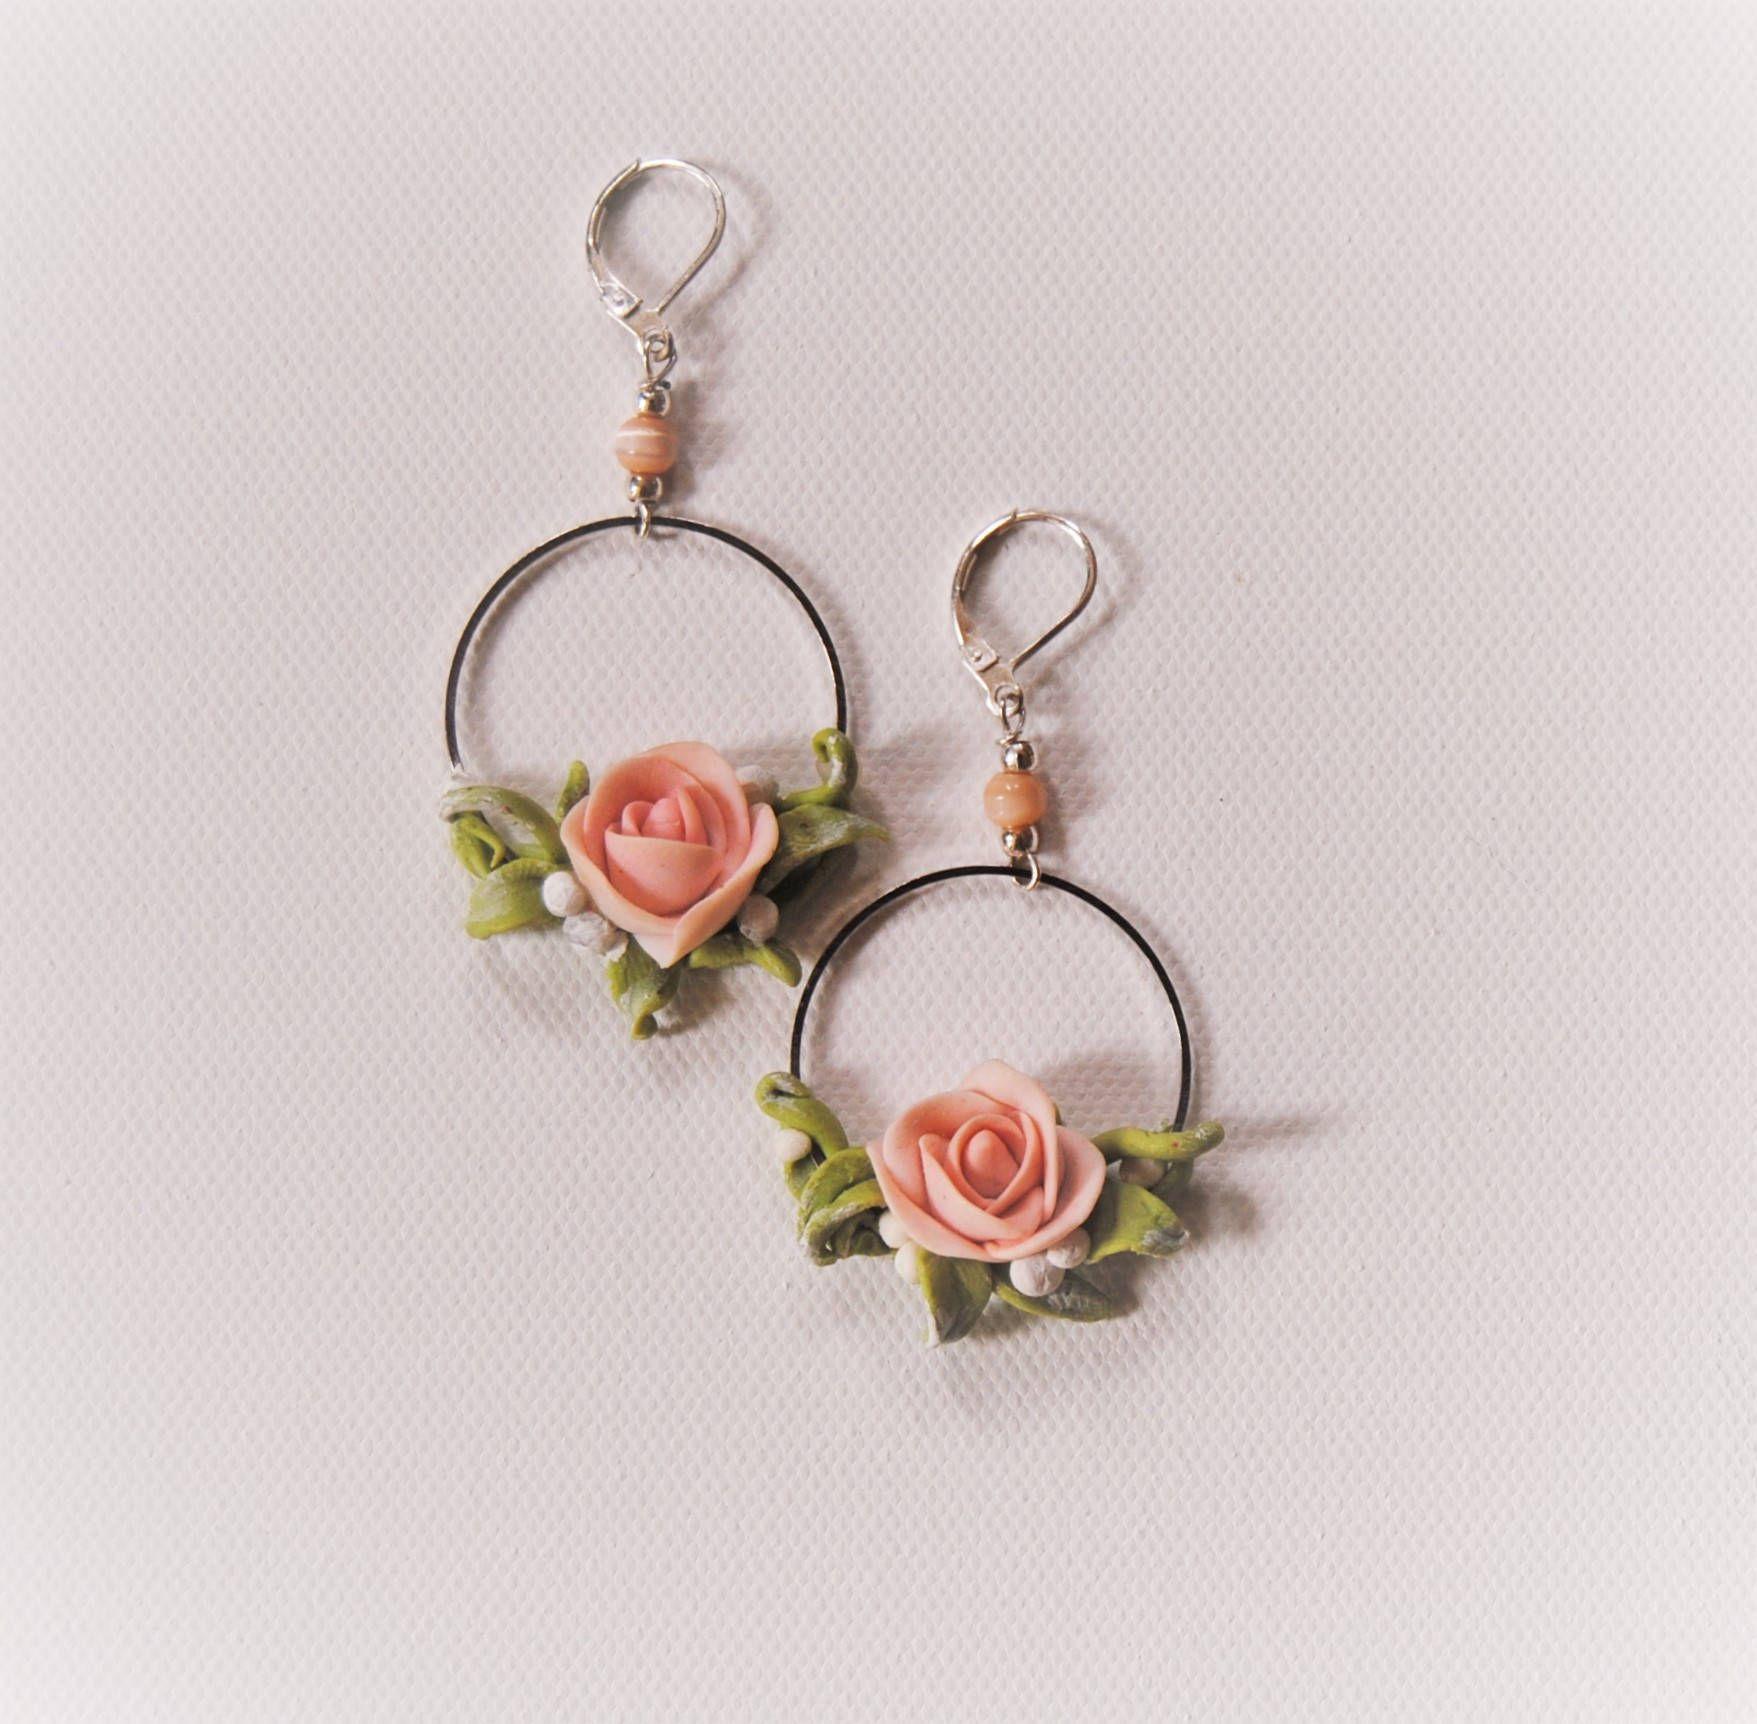 Wedding Earrings Rose Earrings Flower Jewelry Clay Flower Earrings Drop Earrings Polymer Clay Roses Flower Earring Flower Jewellery Rose Earrings Earrings